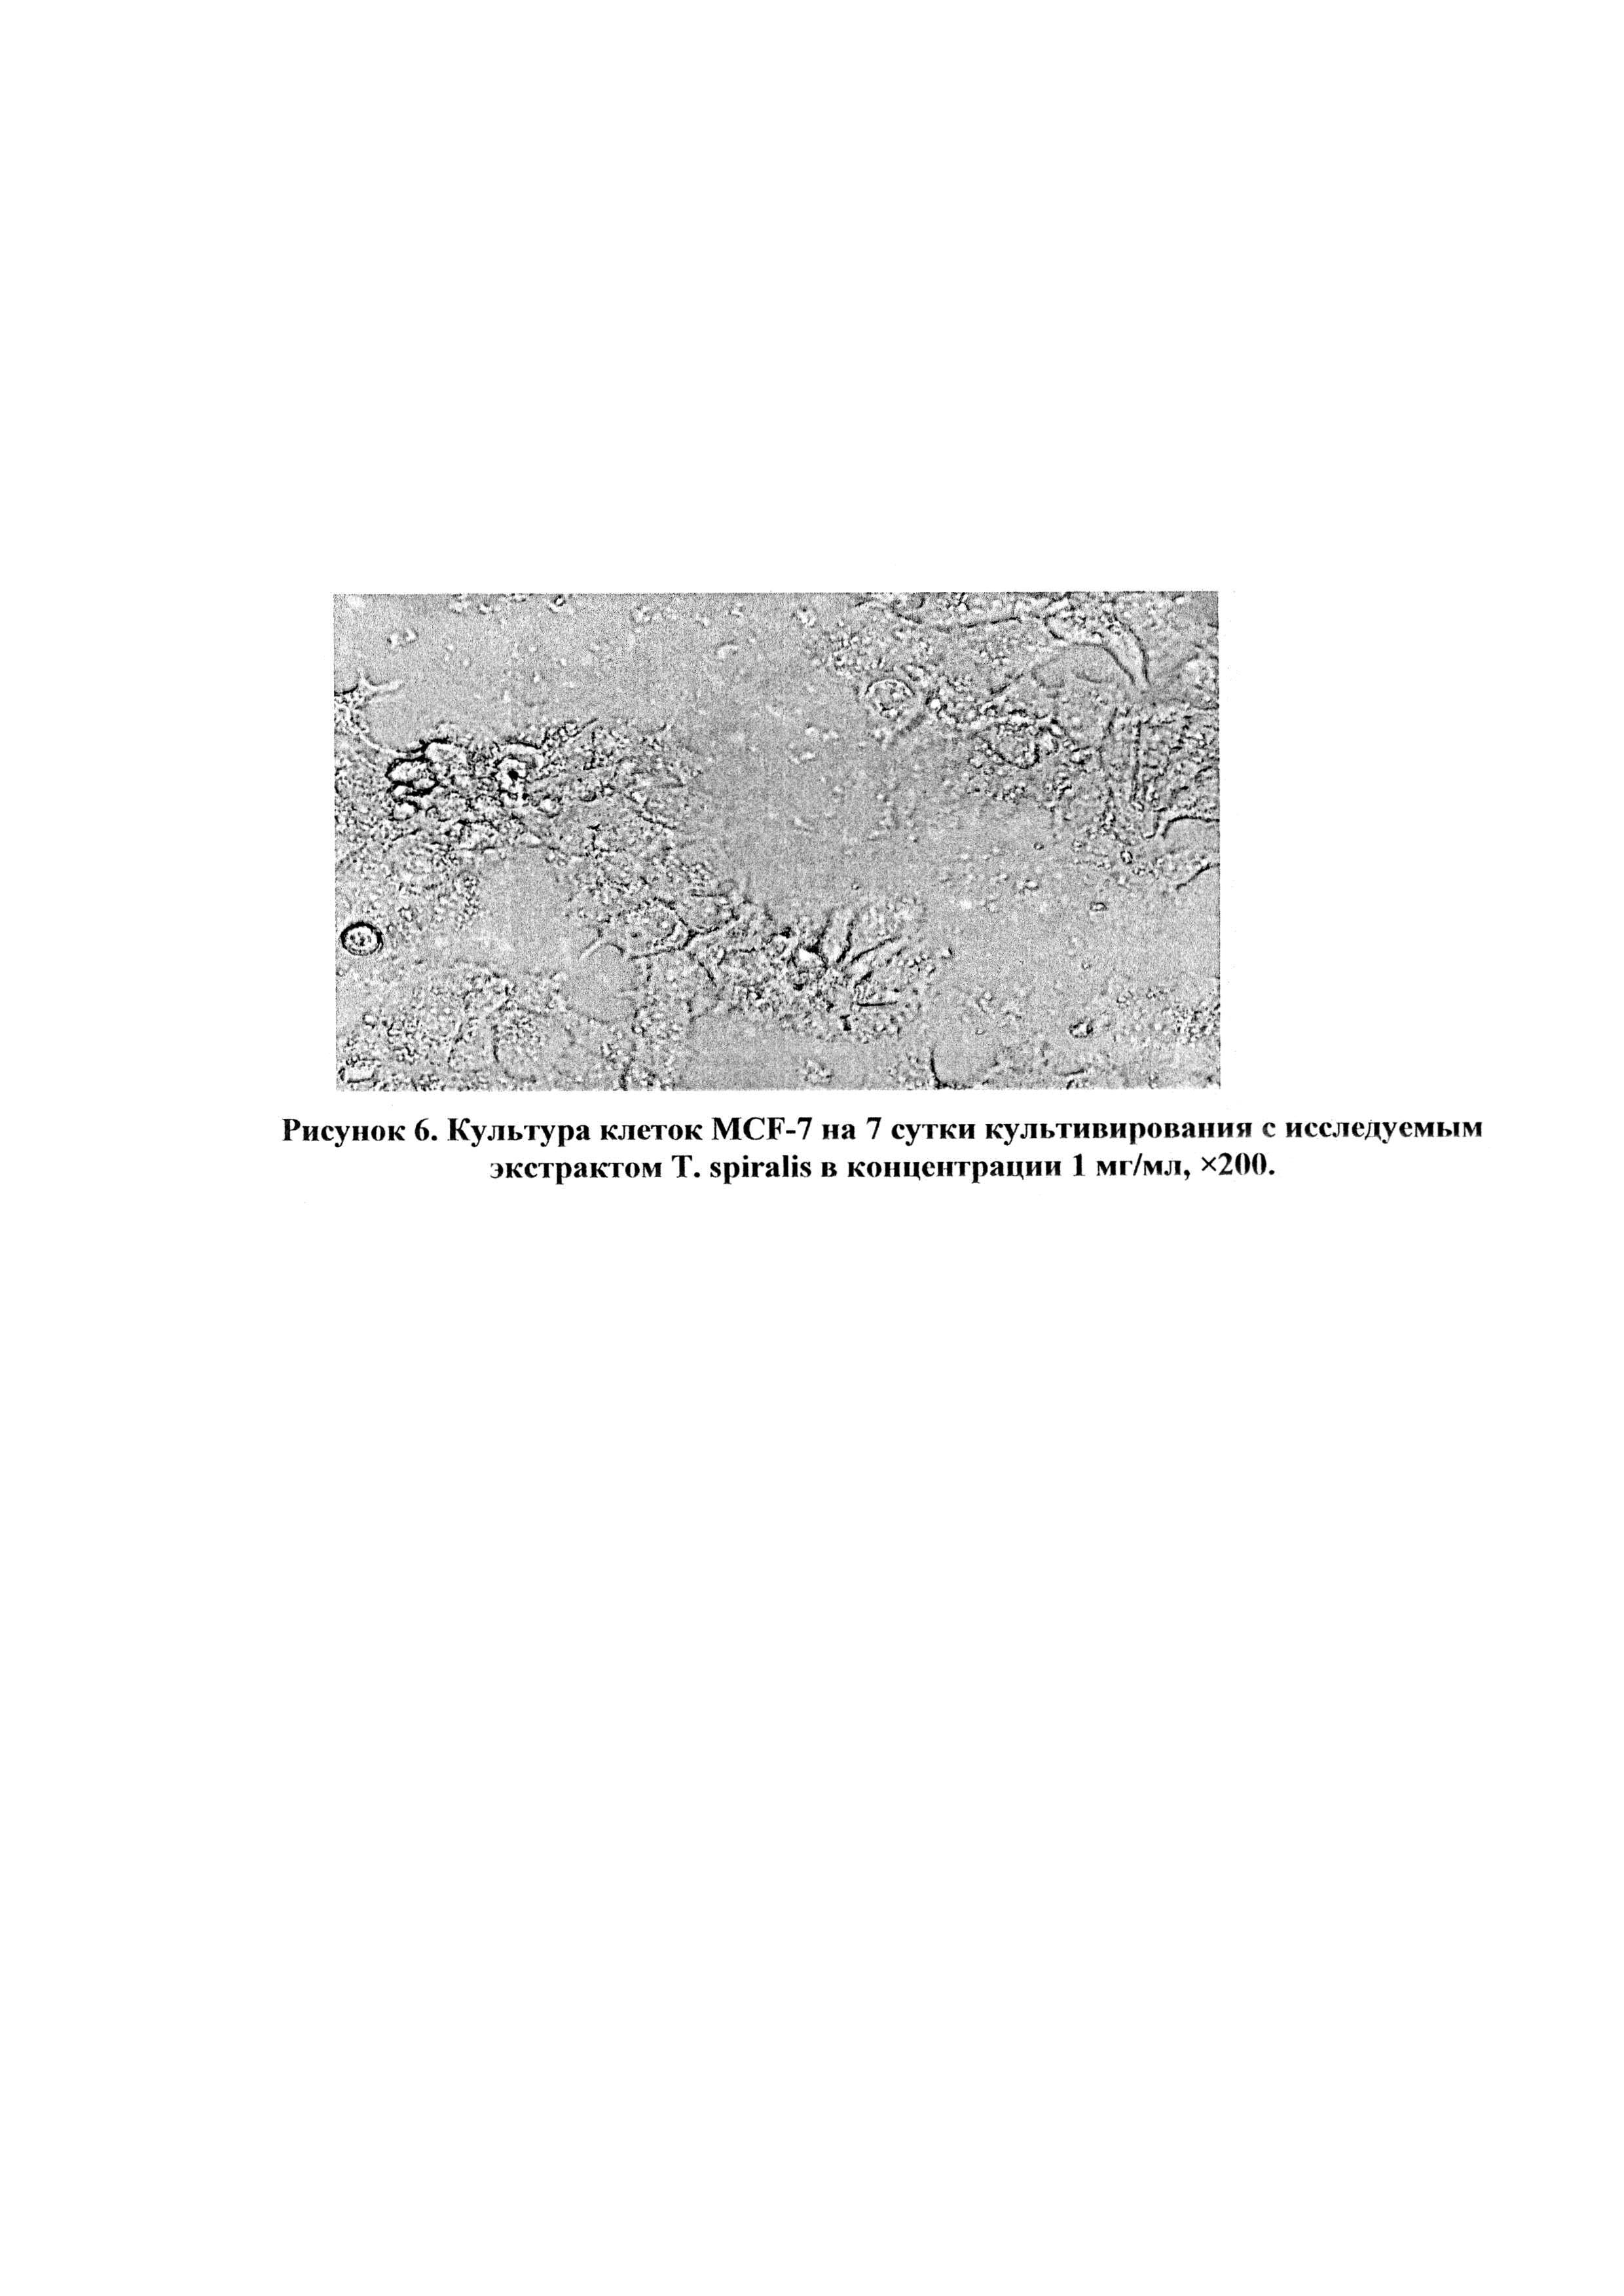 Применение белкового экстракта в качестве антипролиферативного и цитотоксического средства